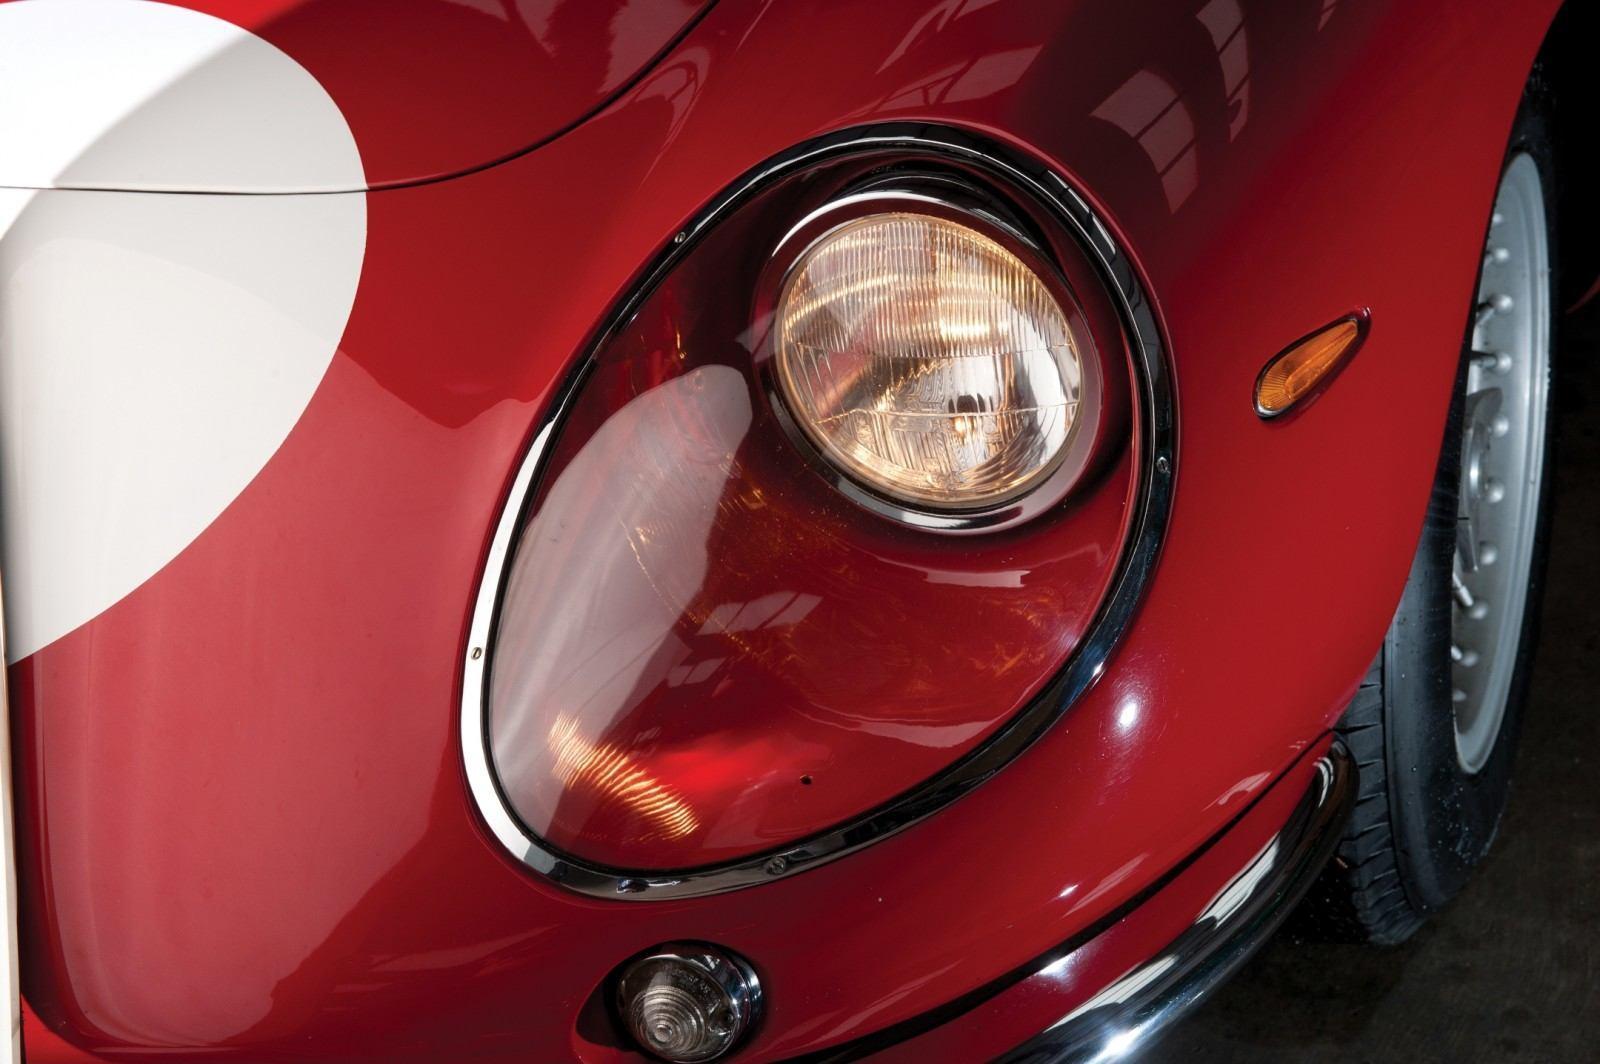 RM Monaco 2014 Highlights - 1966 Ferrari GTB-C 11